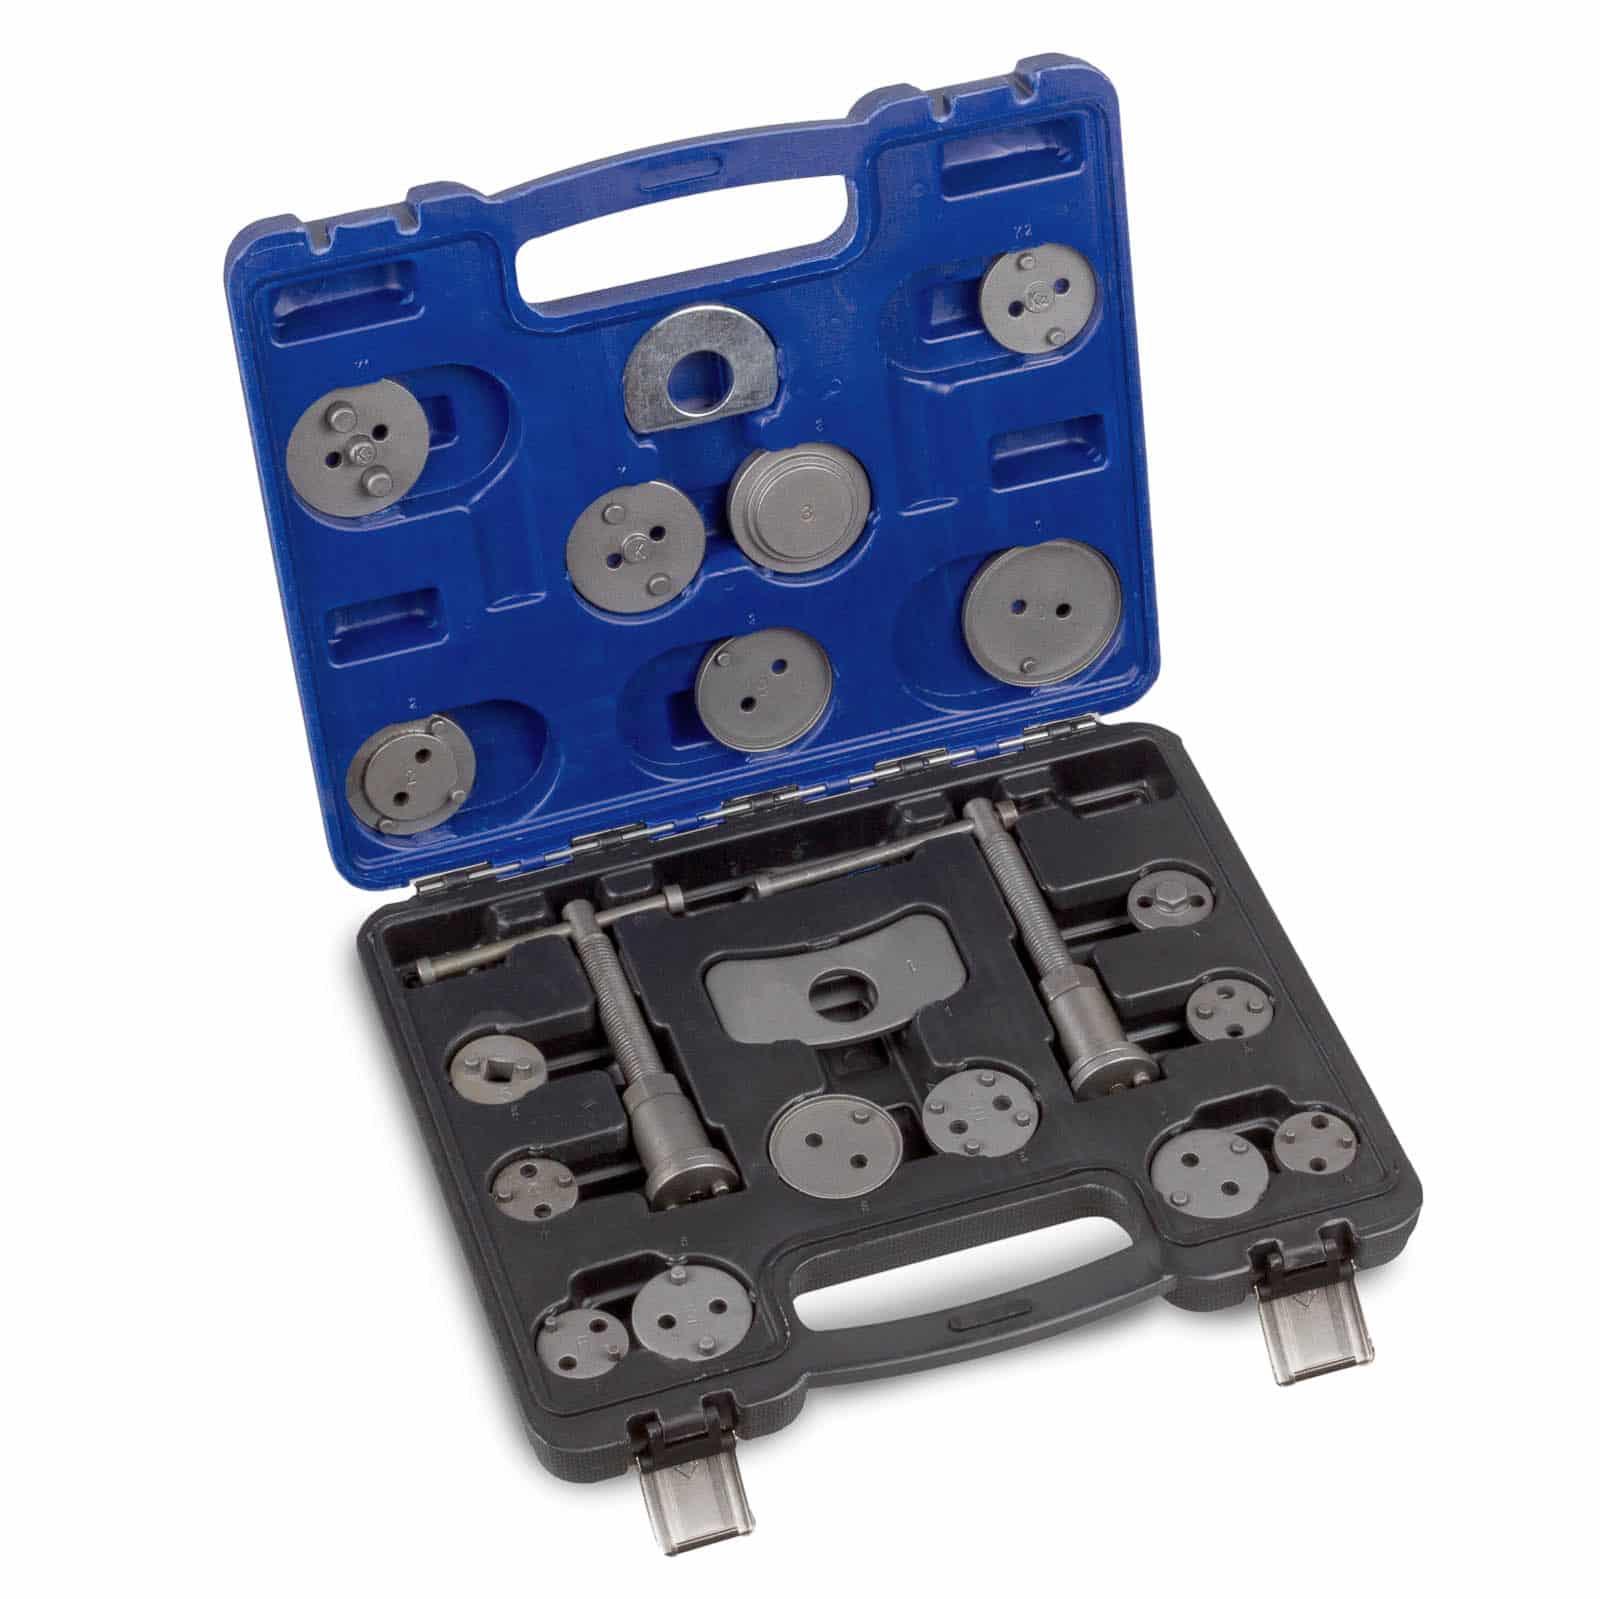 Hanse Werkzeuge 22-Delig Remklauw Demontage Terugstelset Remcilinder